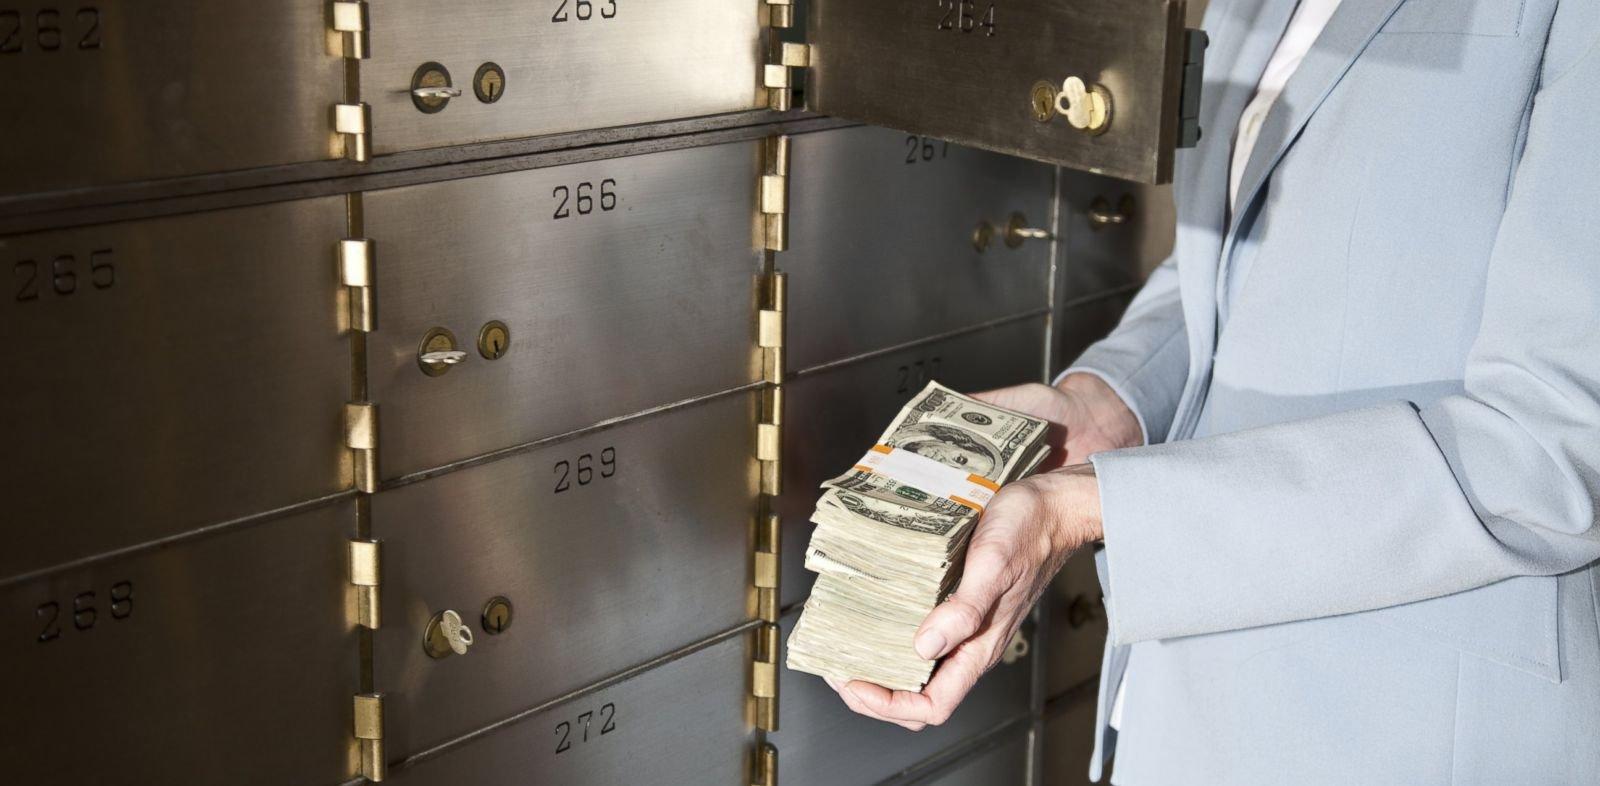 Не прячьте ваши денежки: банки раскроют все данные вкладчиков